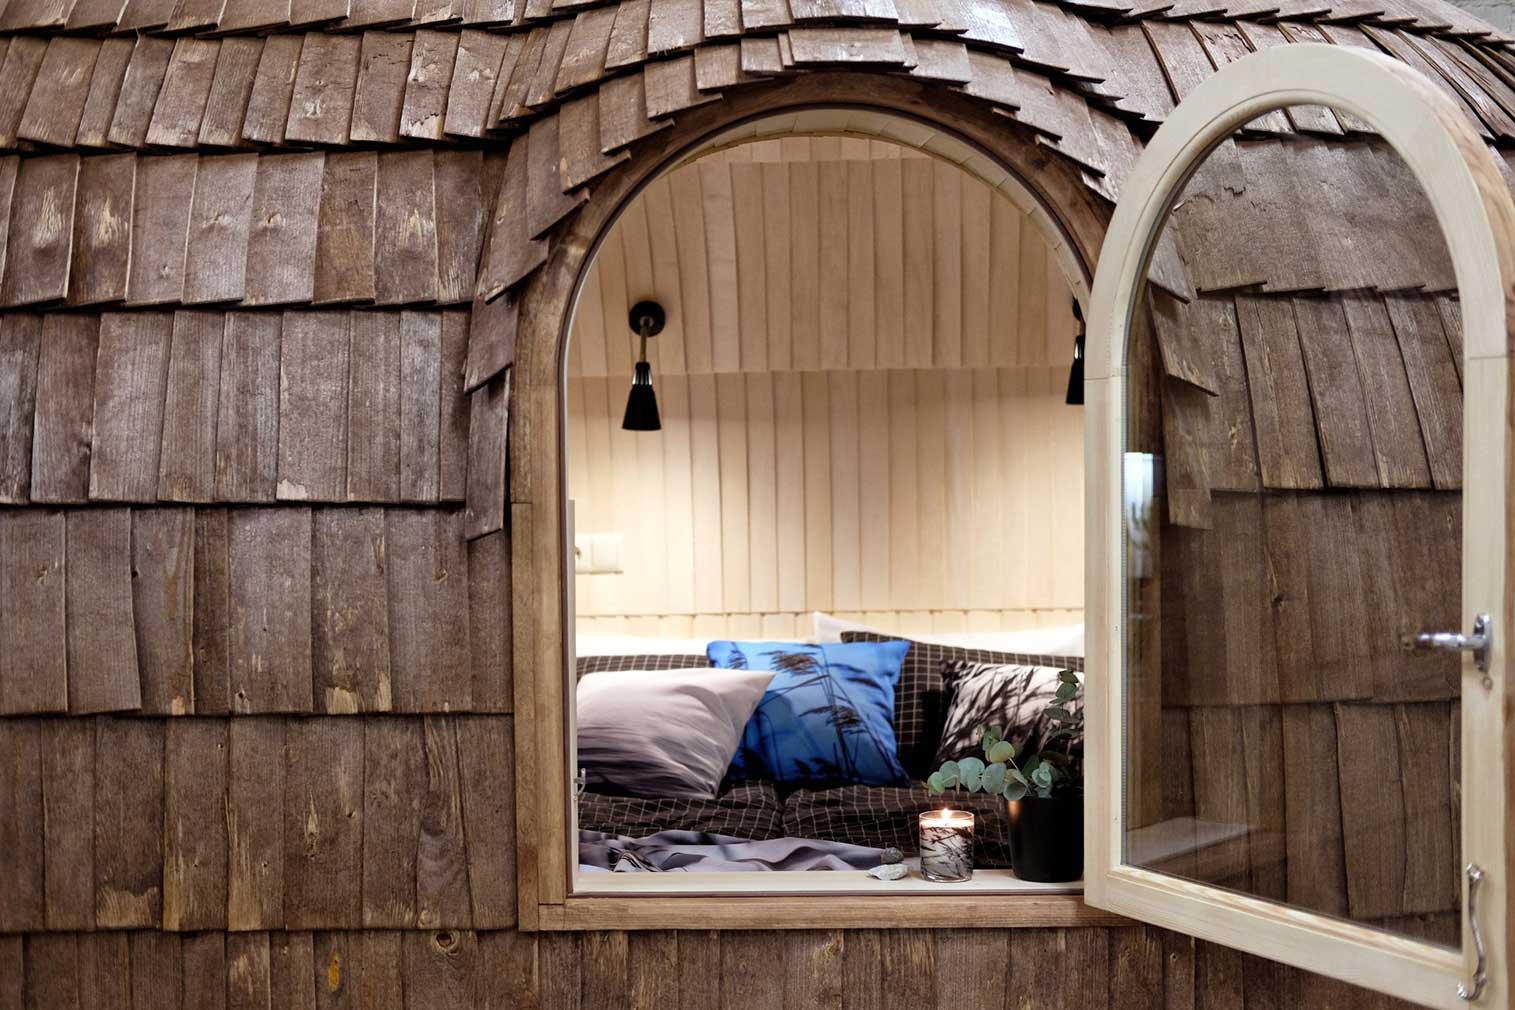 Diese Holz-Iglus sind ziemlich stylische Tiny Homes iglucraft_holz-iglu_04